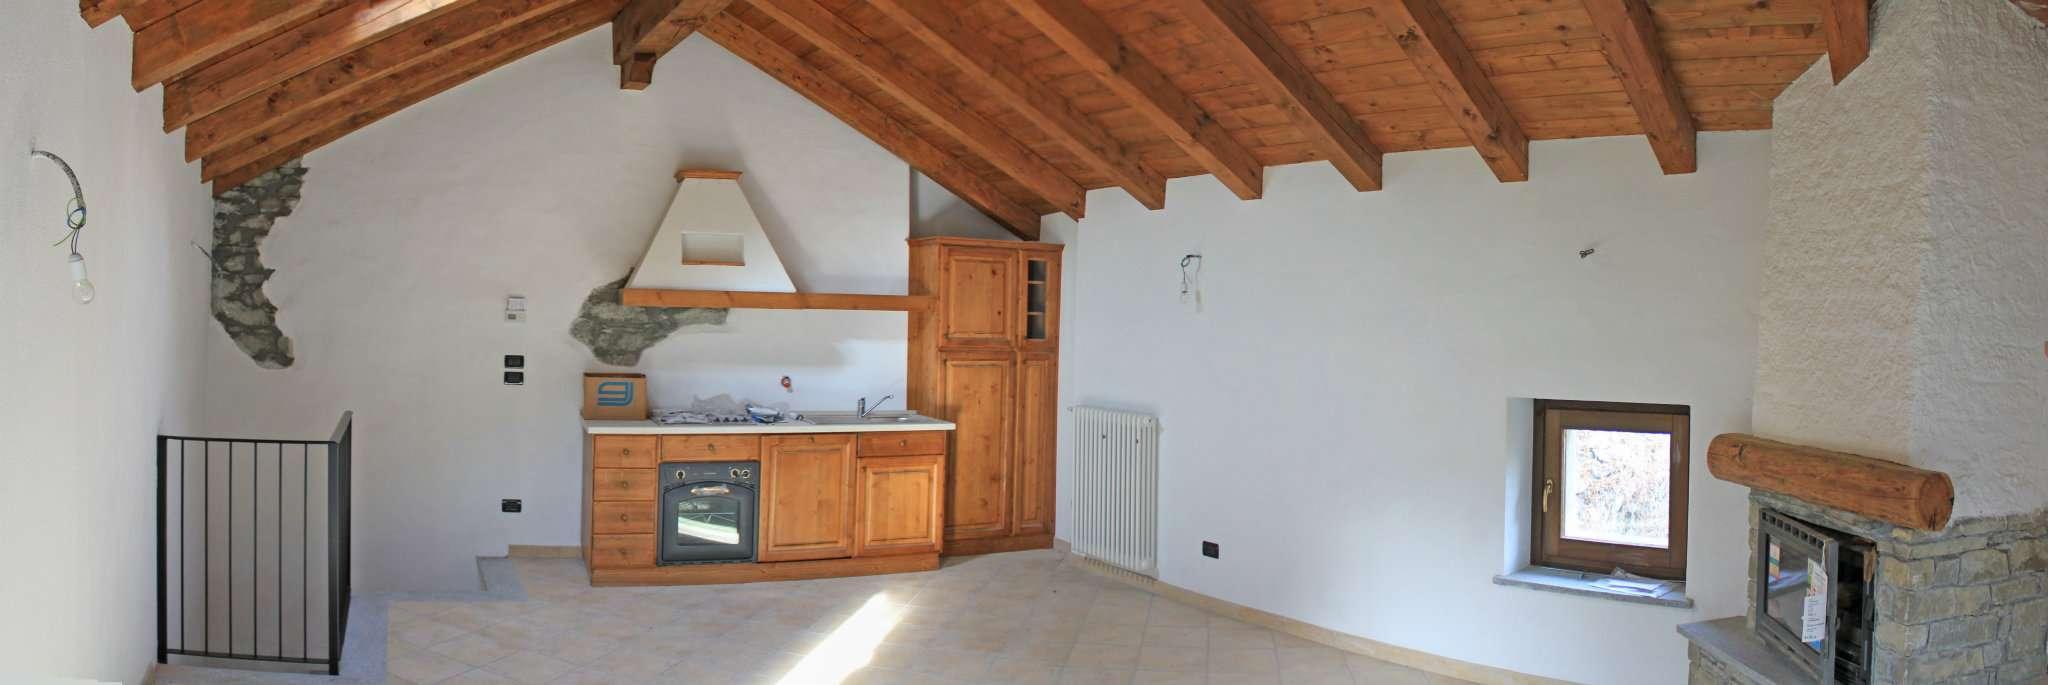 Bilocale Antey Saint Andr Borgo Frazione Herin 9